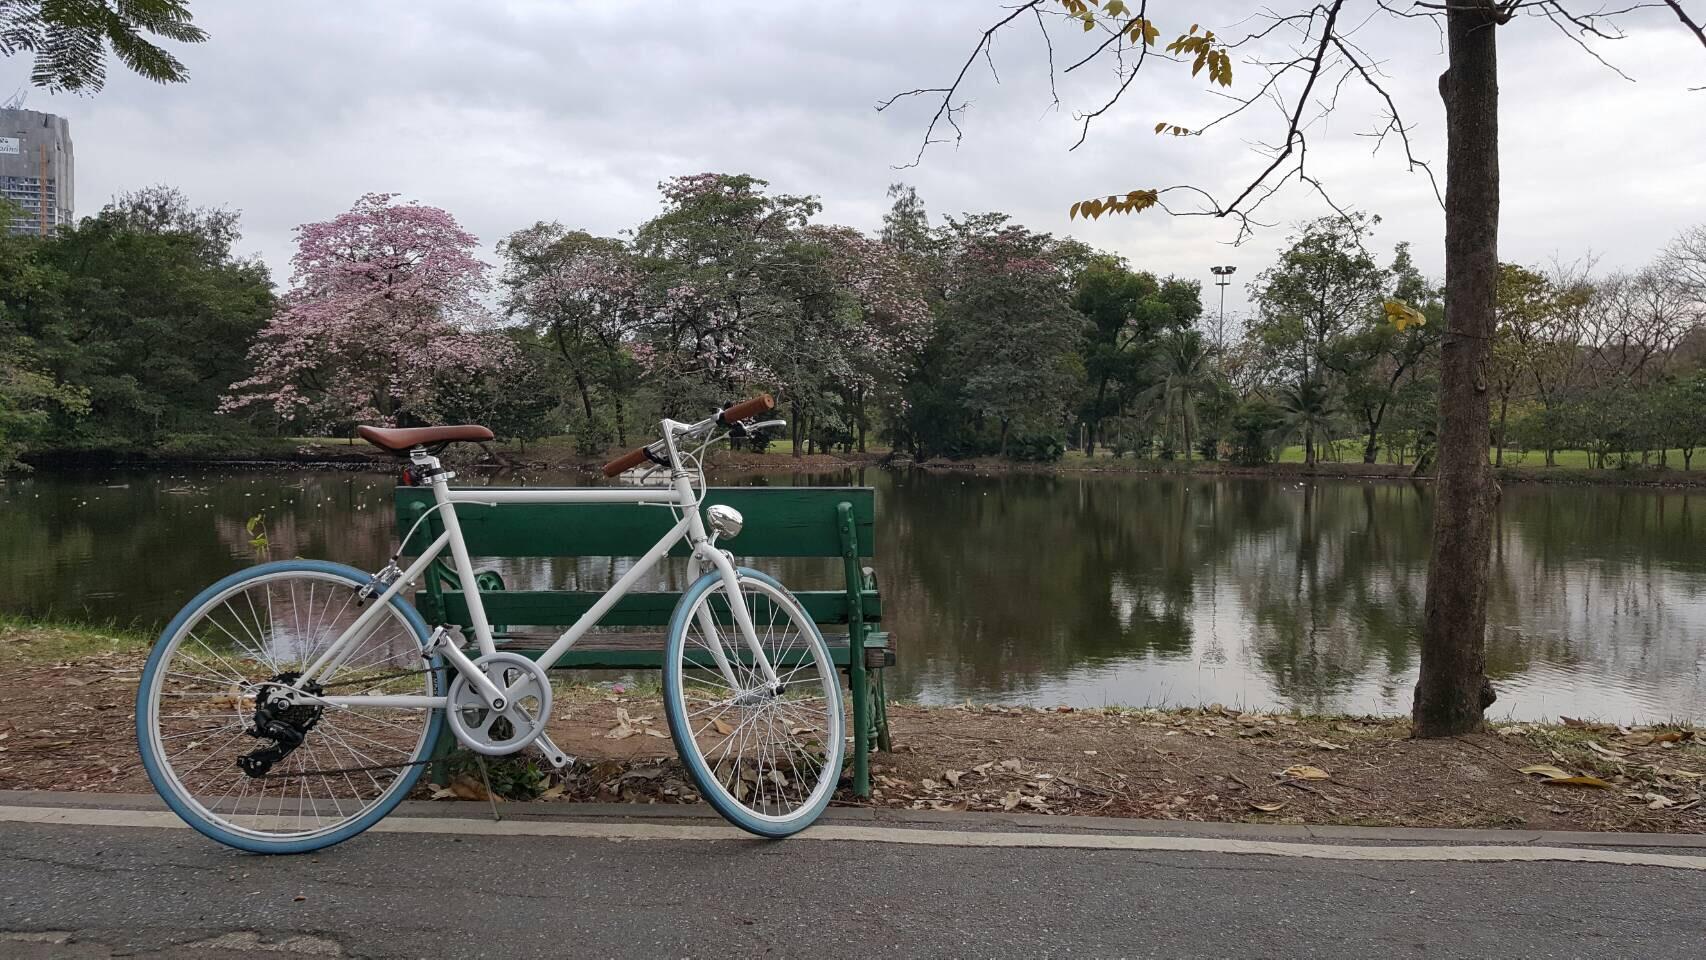 ปั่นจักรยานชิวที่สวนรถไฟ